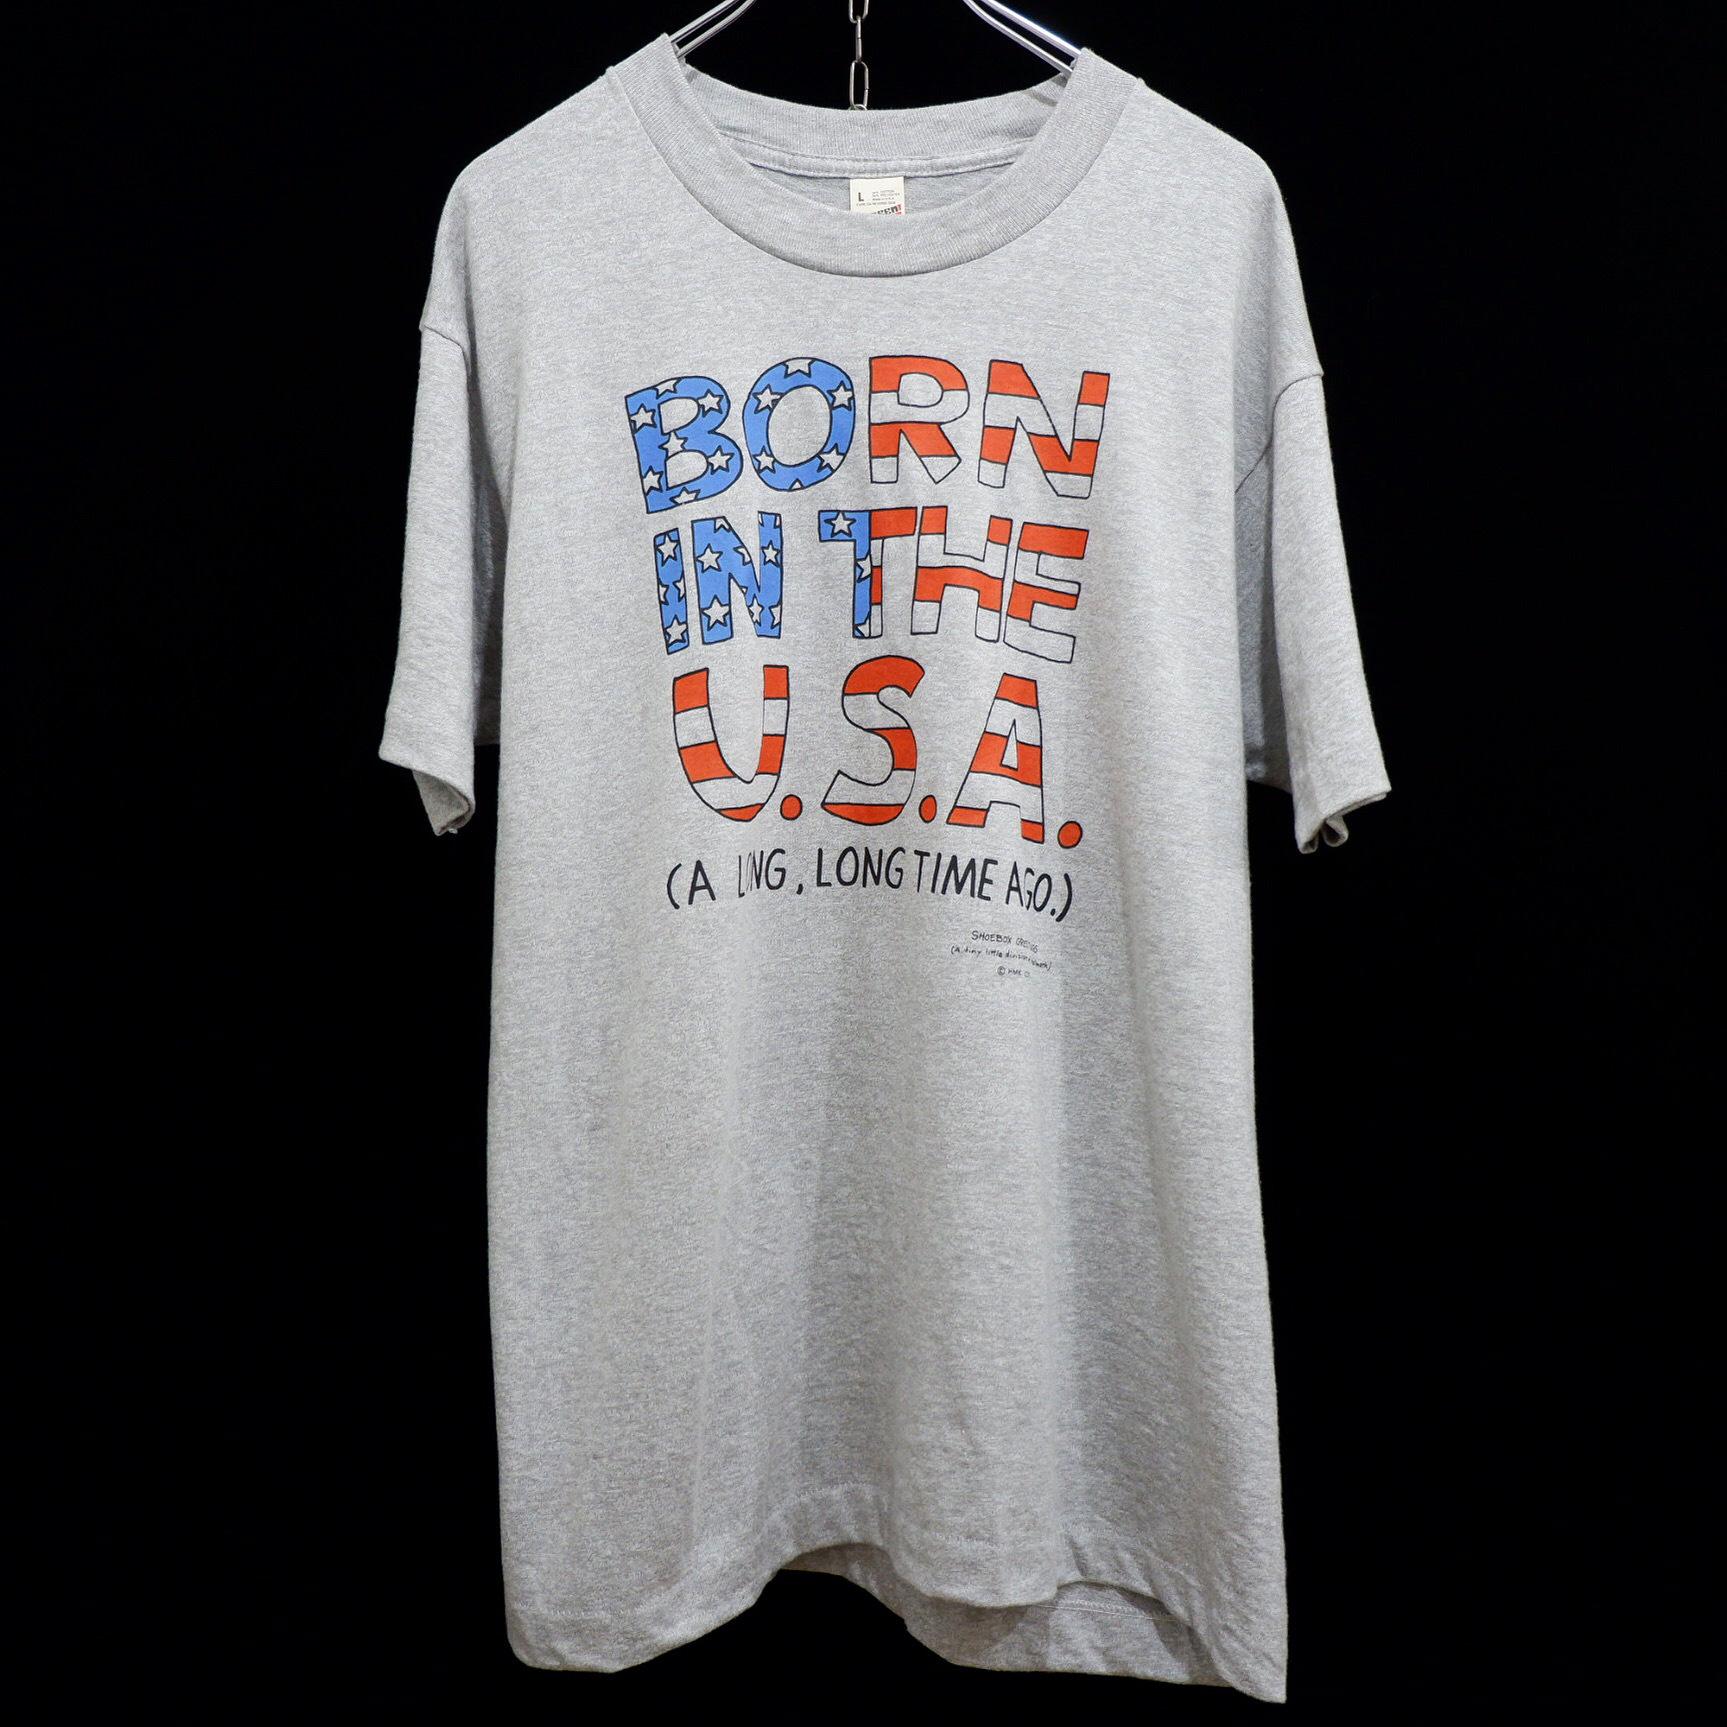 アメリカ古着 1980s vintage メッセージ プリント Tシャツ